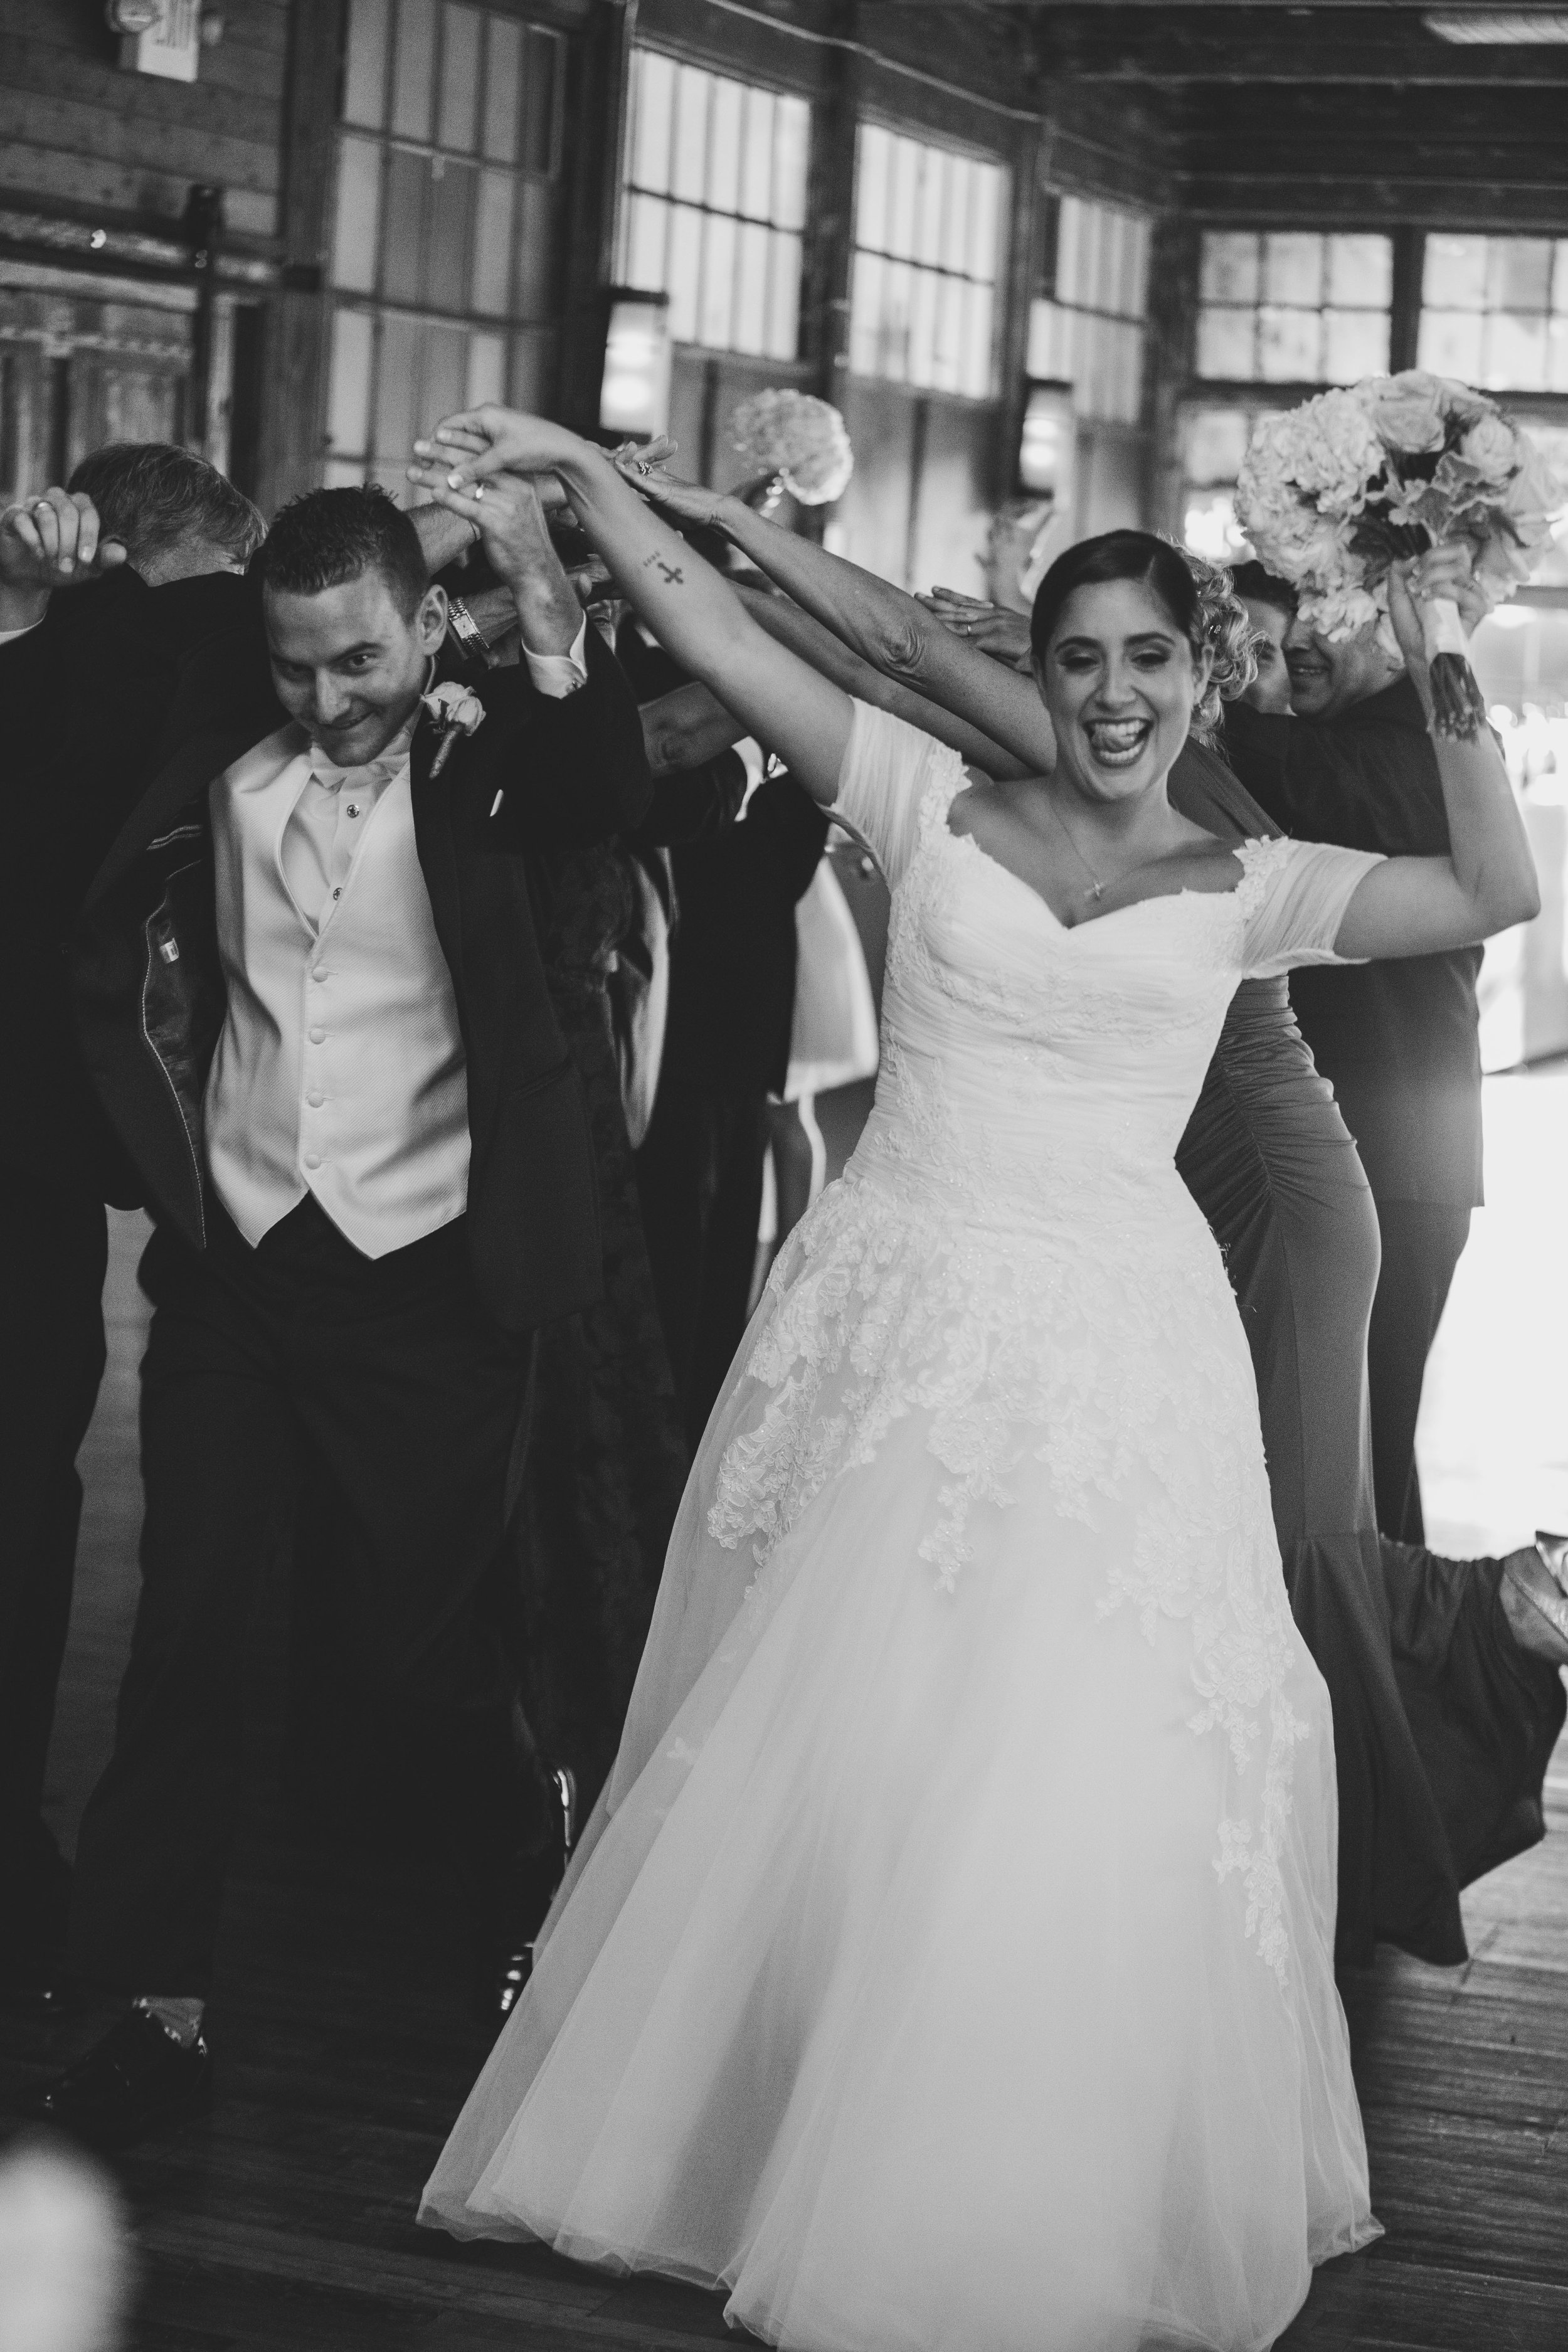 ATGI_Magali & Josh Wedding1__91.jpg